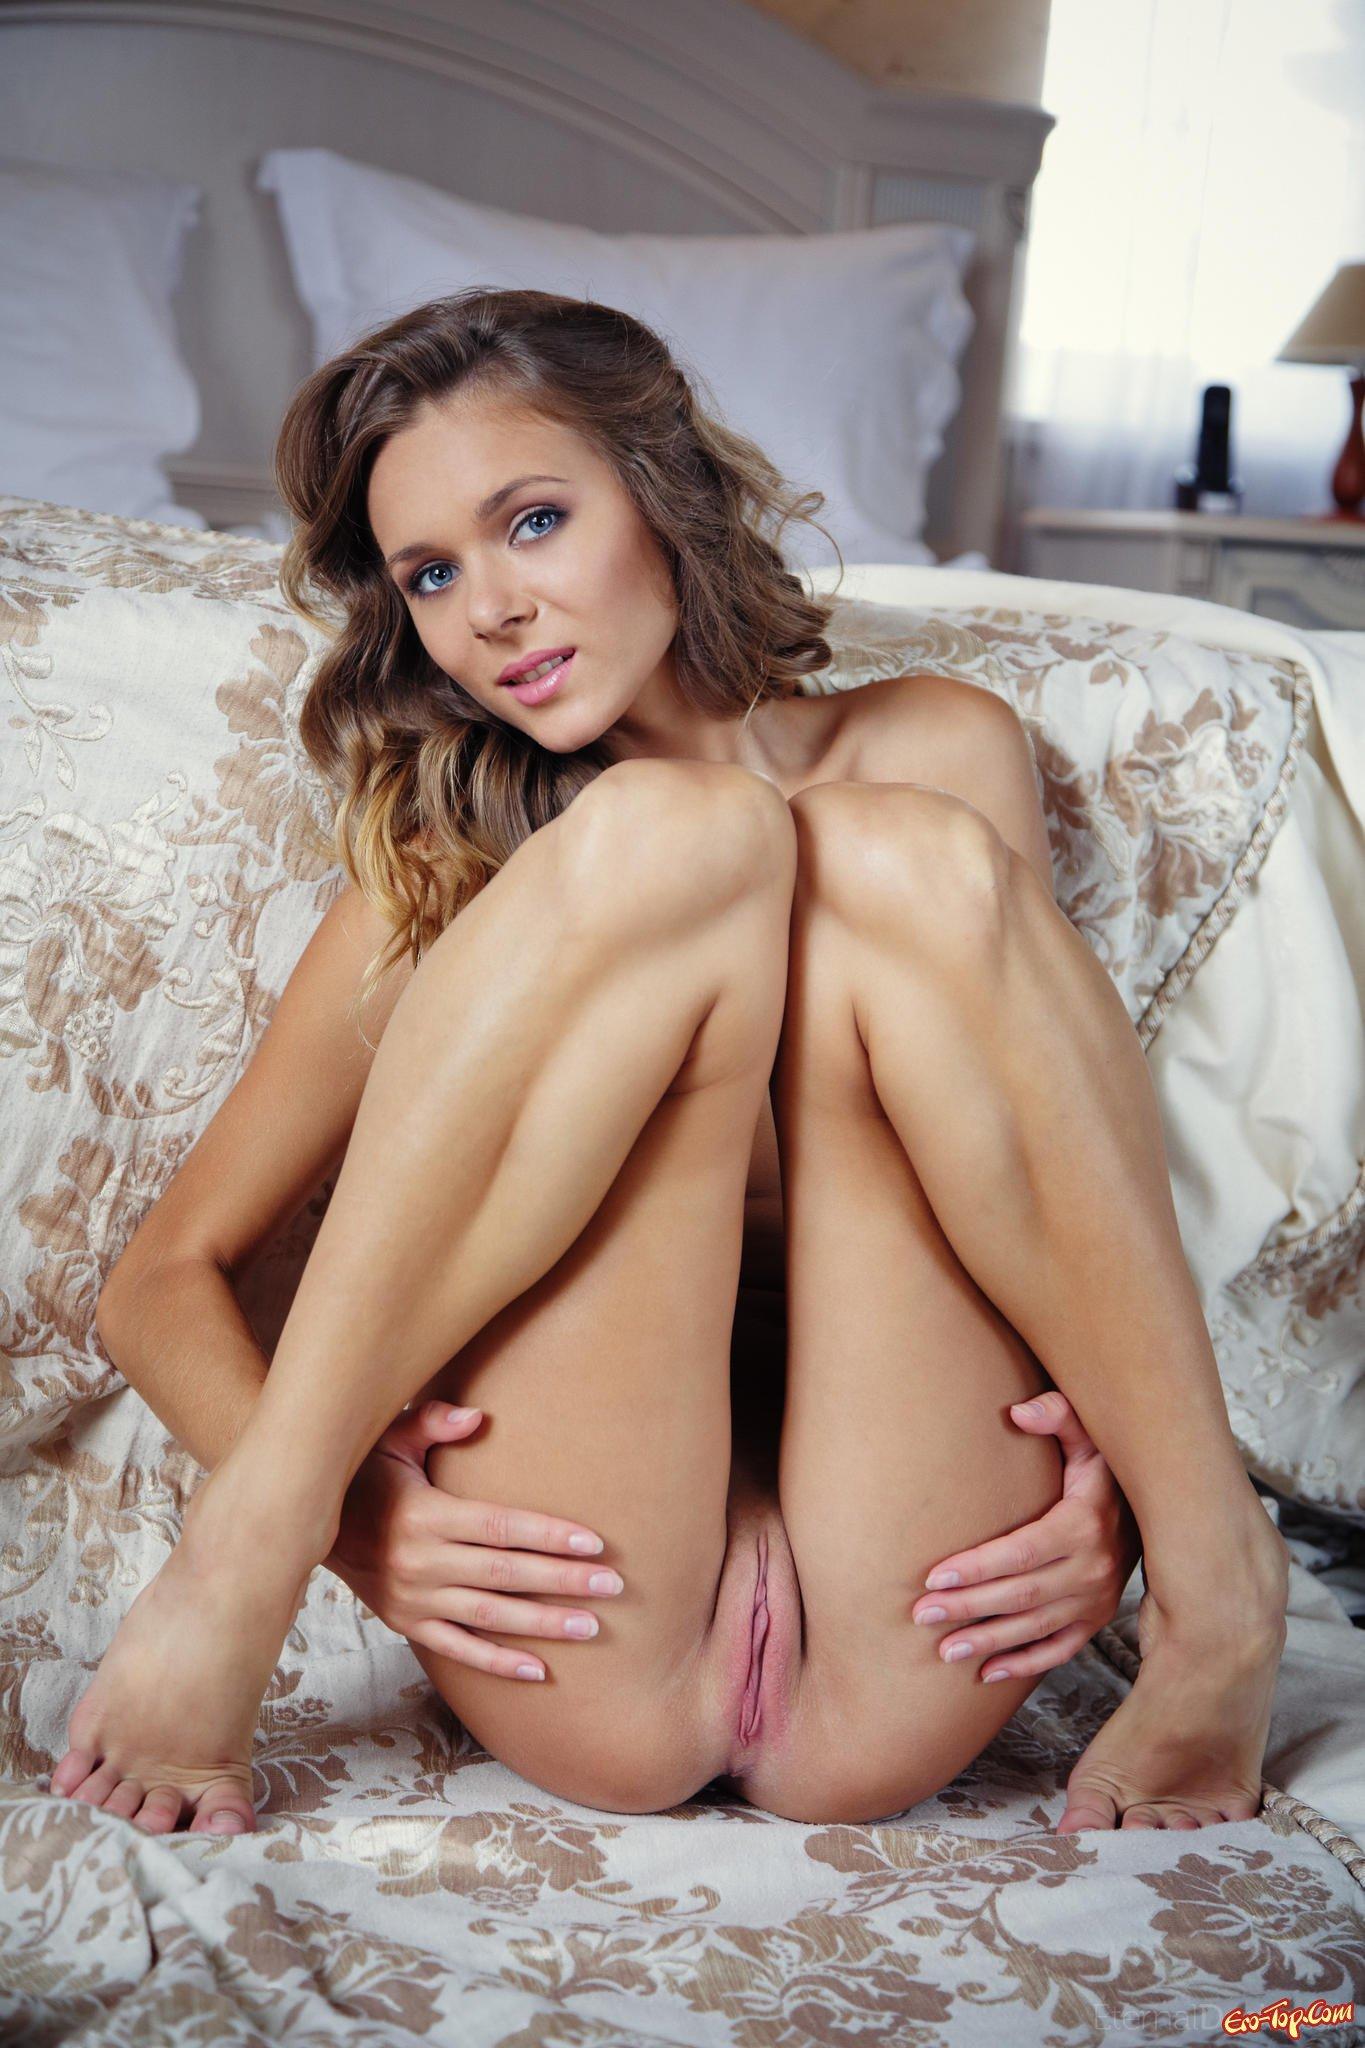 Интимом красивая голая девушка показывает киску просьбе порно